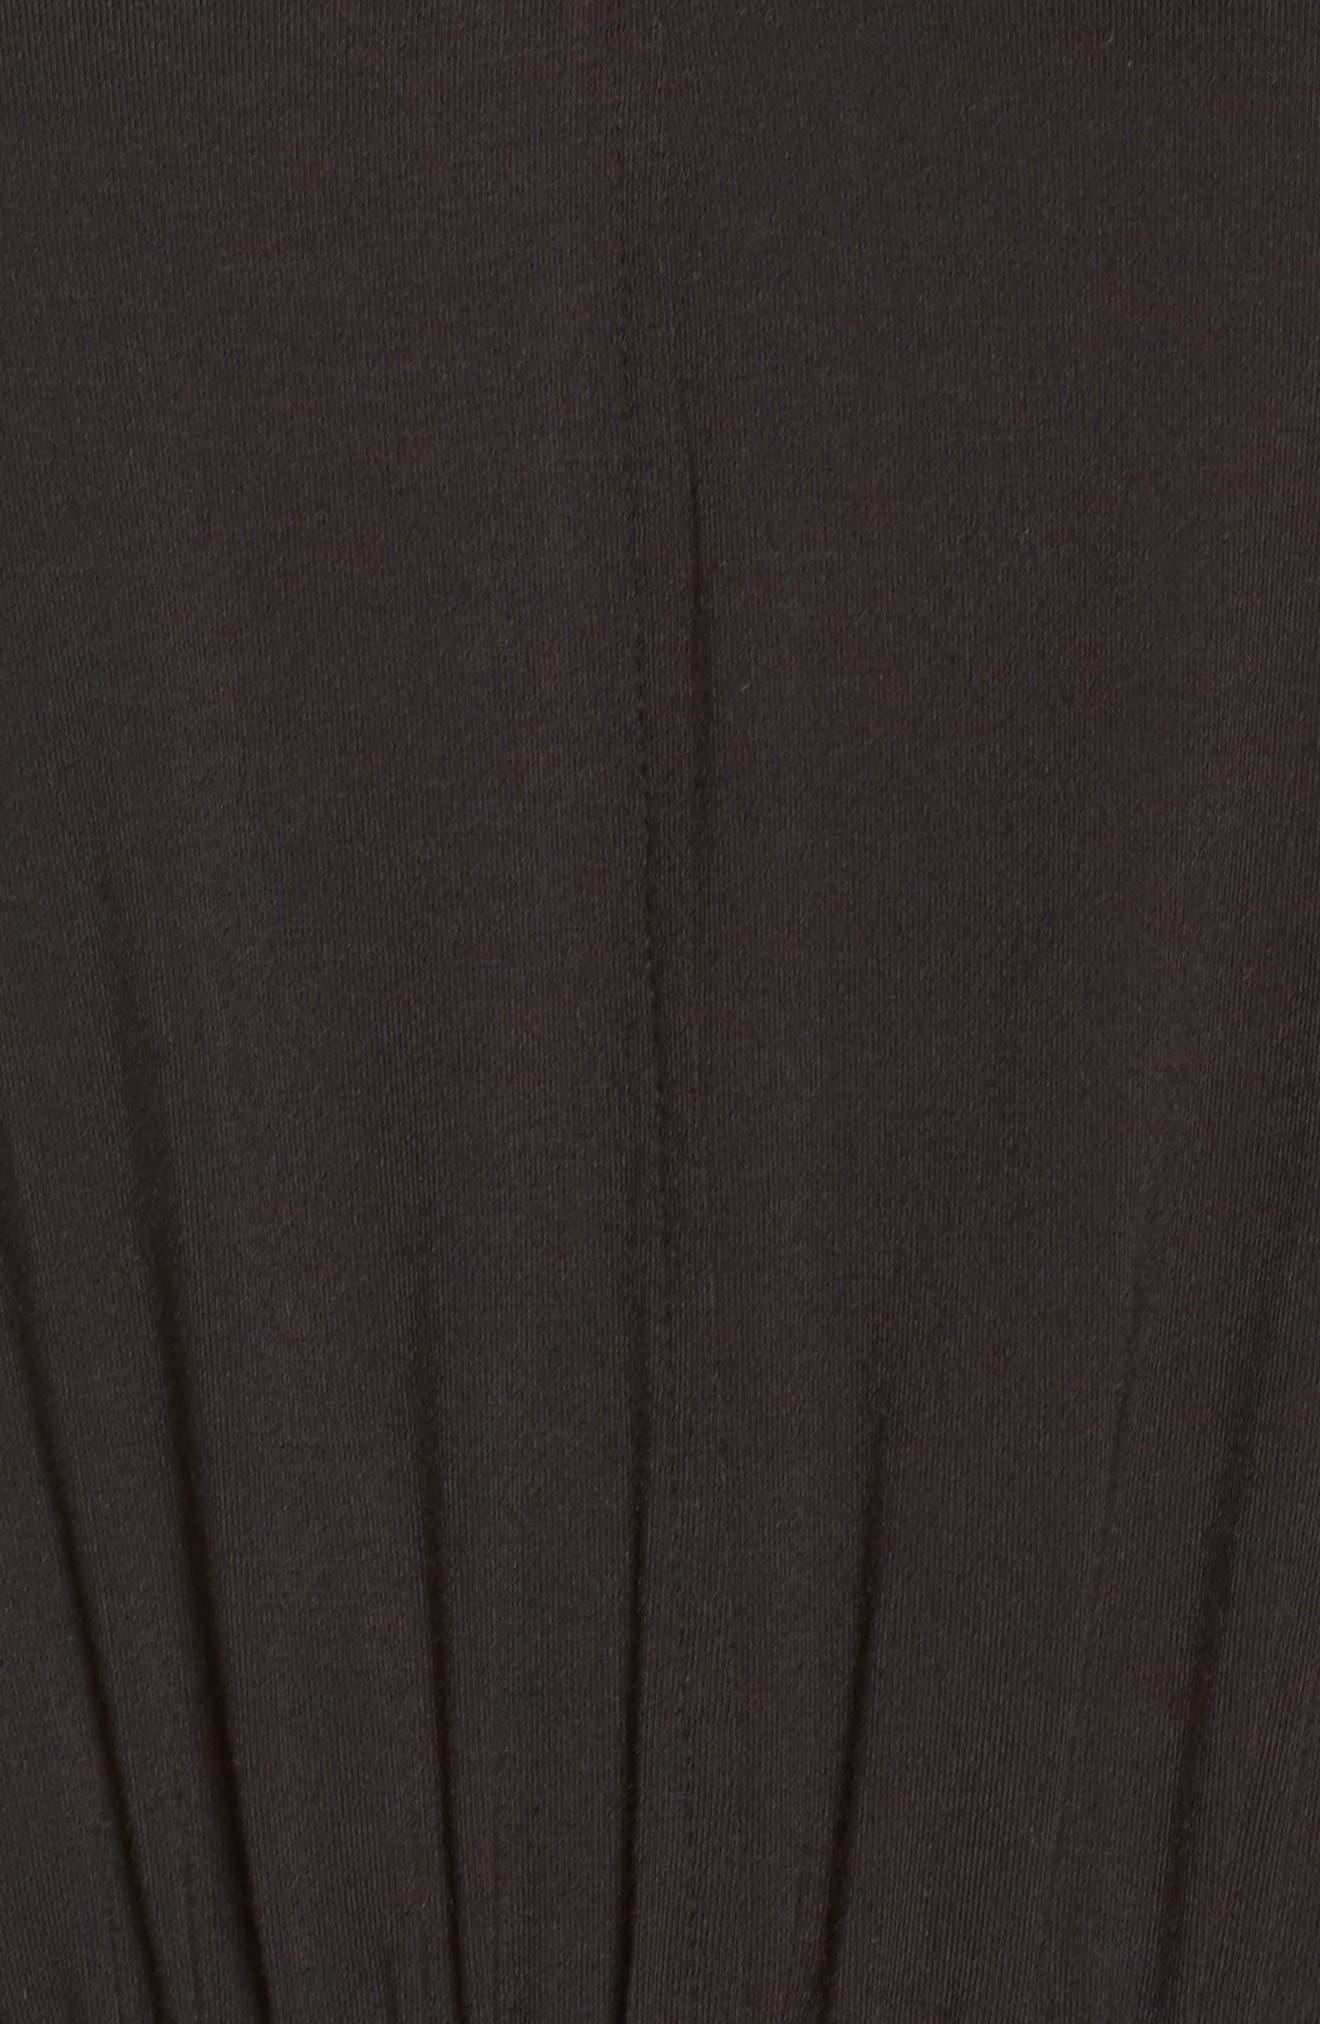 Crop Jumpsuit,                             Alternate thumbnail 6, color,                             Black